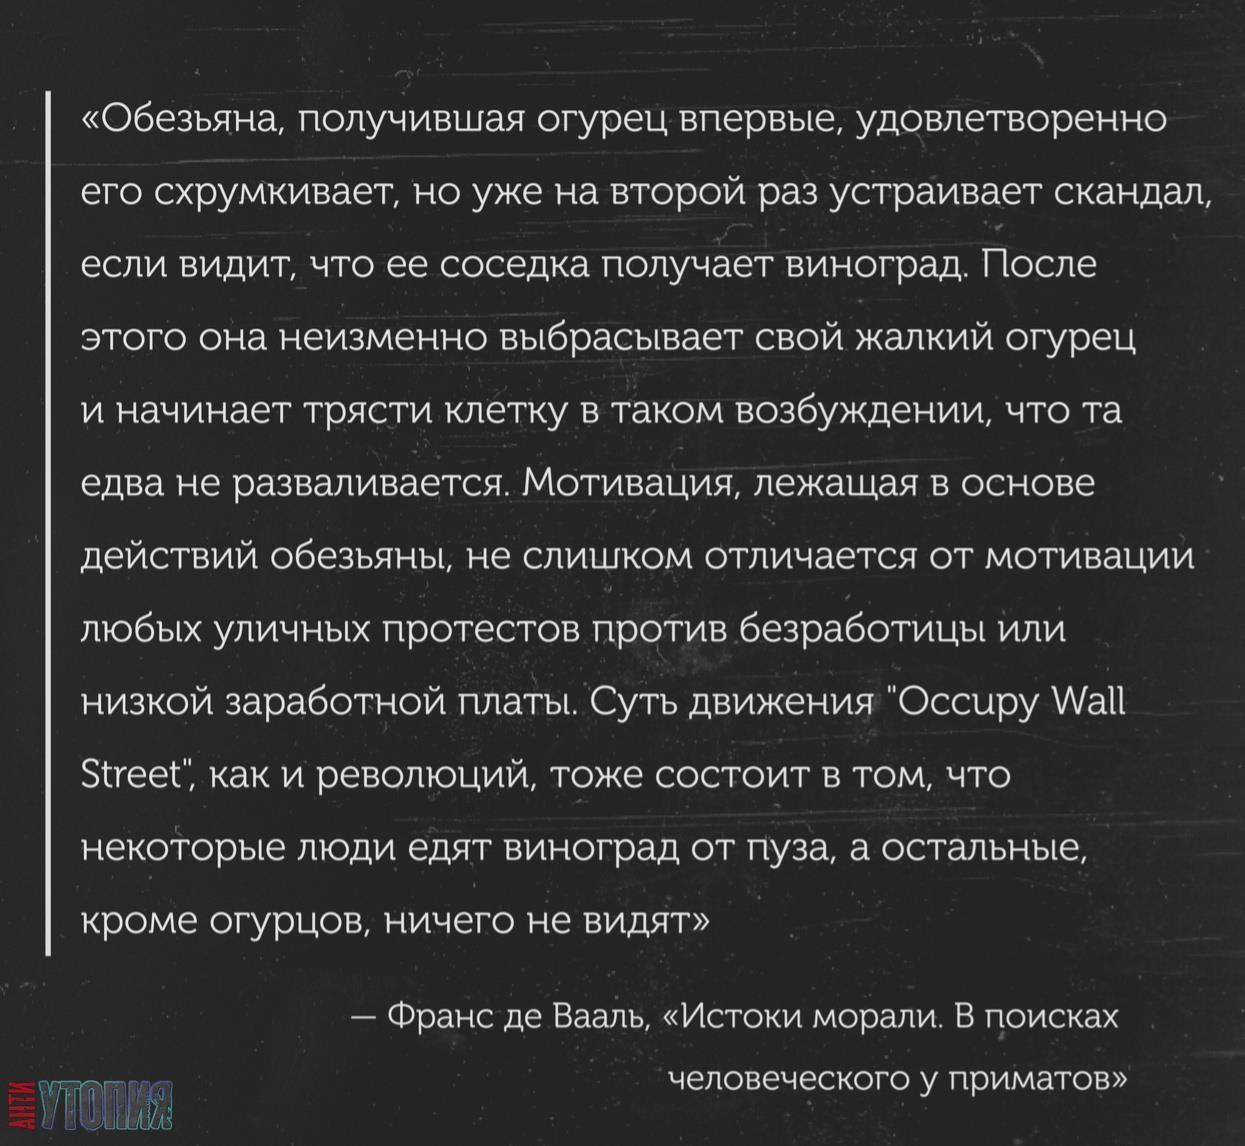 АНТИУТОПИЯ  УТОПИЯ 124531